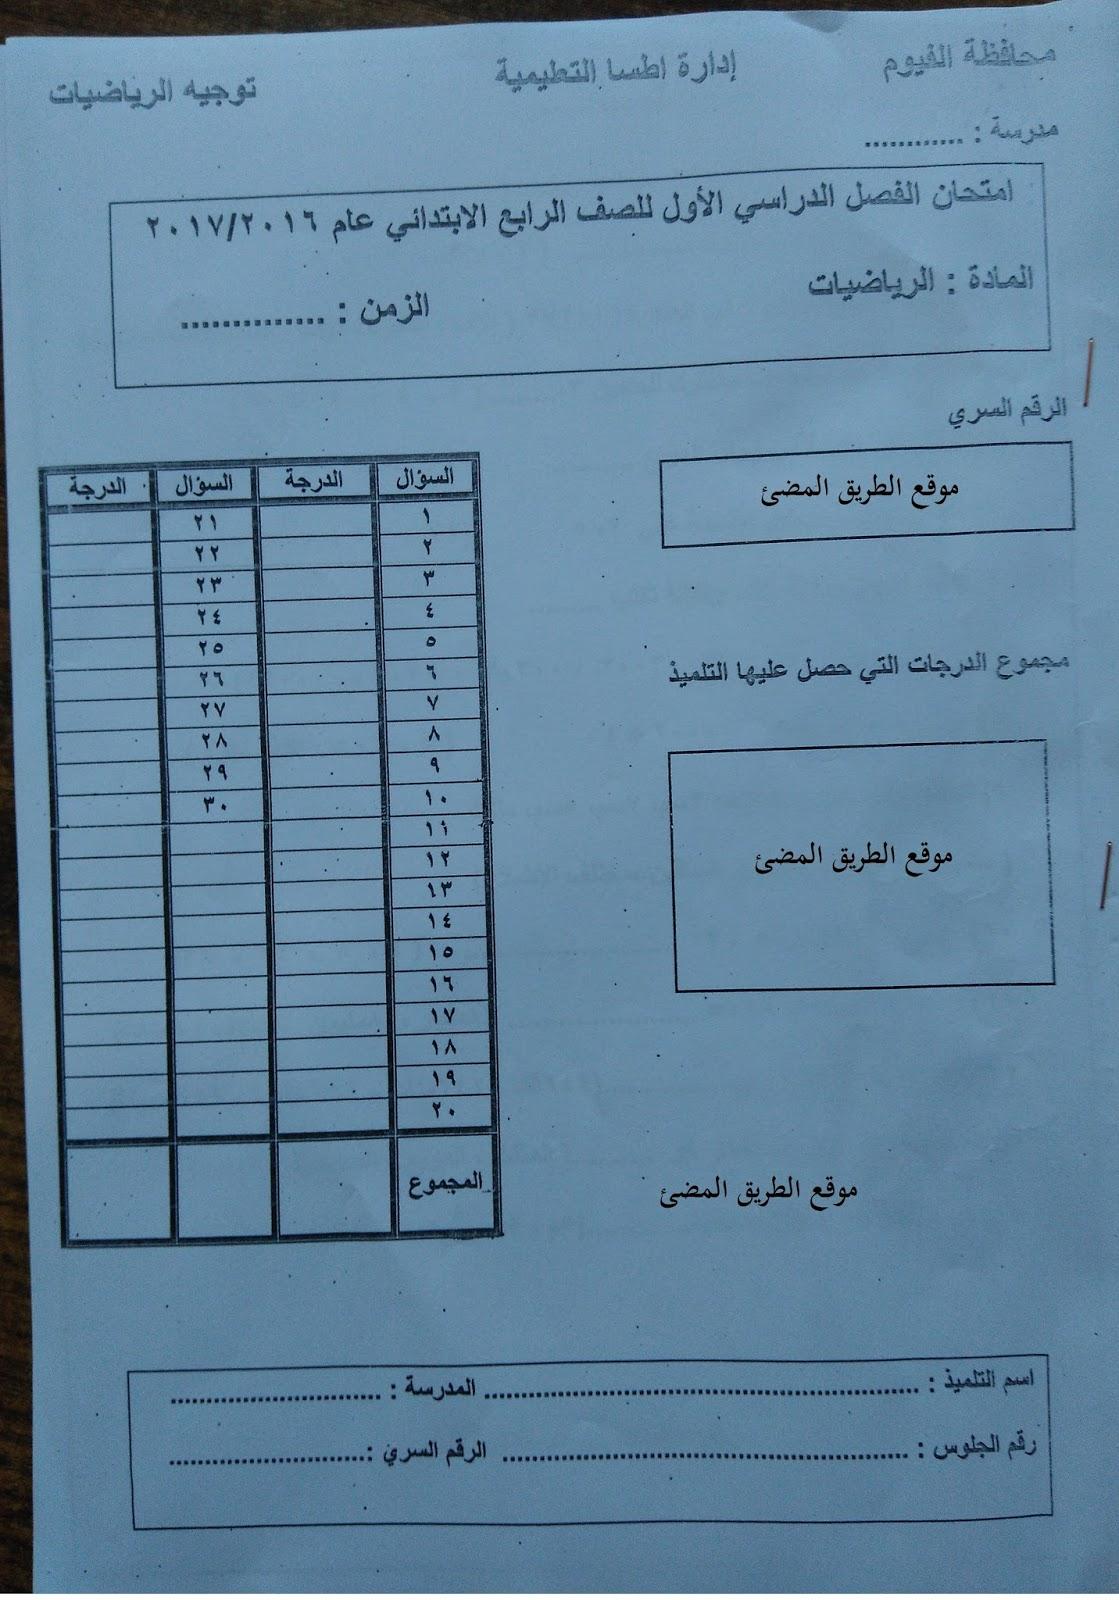 امتحان نصف العام الرسمى فى الرياضيات الصف الرابع الابتدائى , الترم الاول 2017 , الفيوم ادارة اطسا